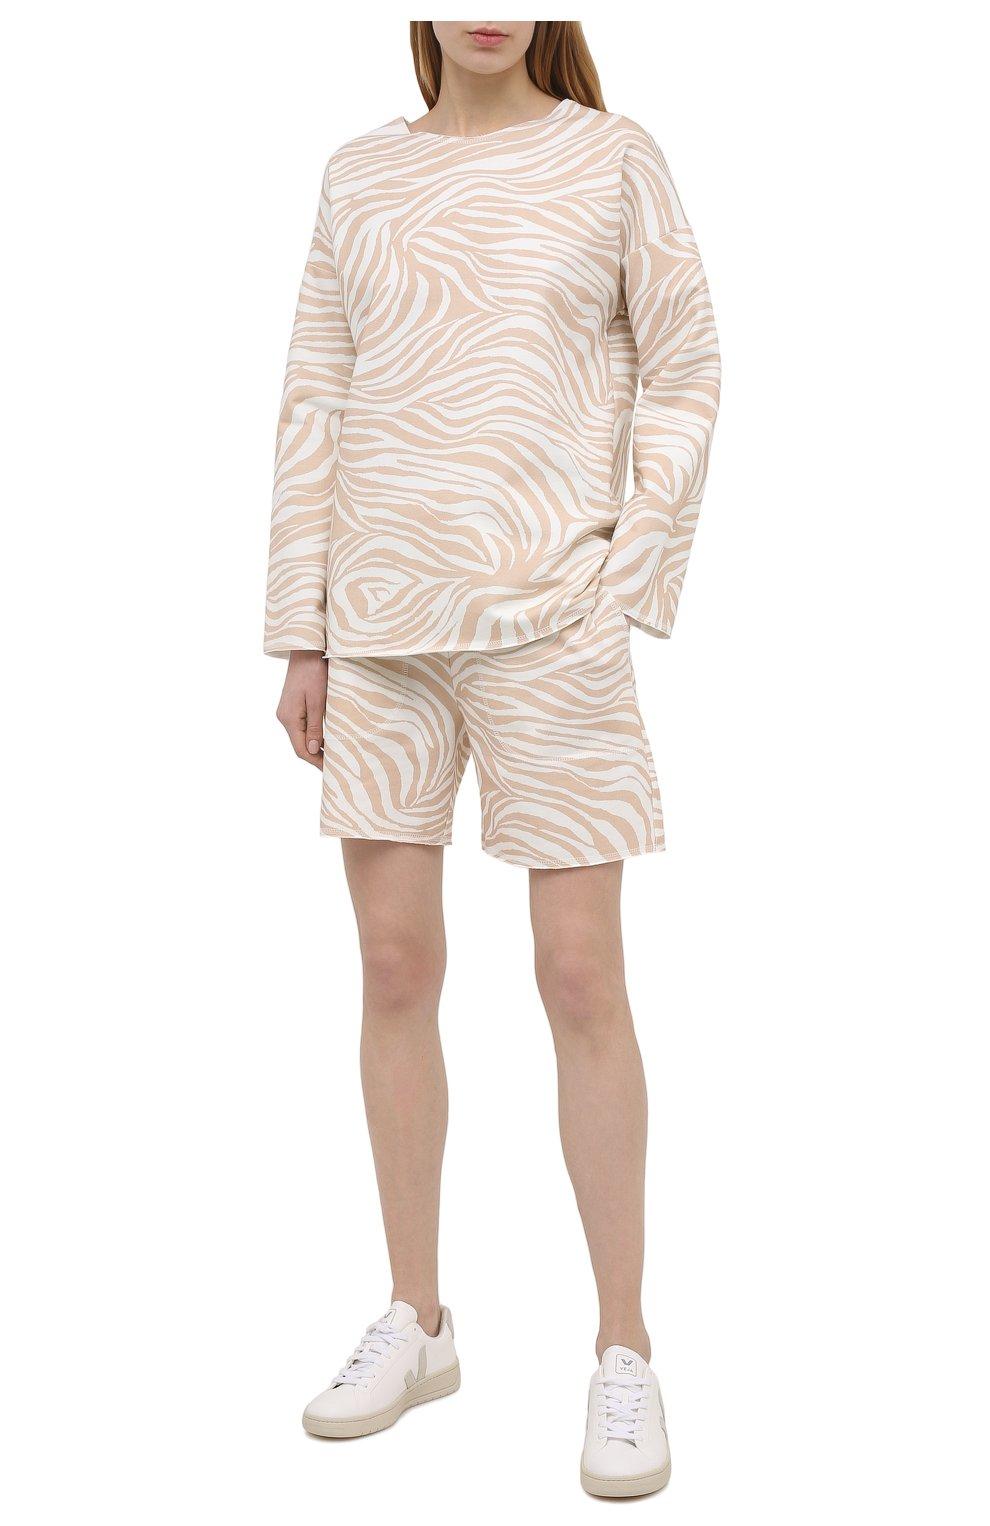 Женские хлопковые шорты EVA B.BITZER бежевого цвета, арт. 11323345 | Фото 2 (Длина Ж (юбки, платья, шорты): Мини; Женское Кросс-КТ: Домашние шорты; Материал внешний: Хлопок)